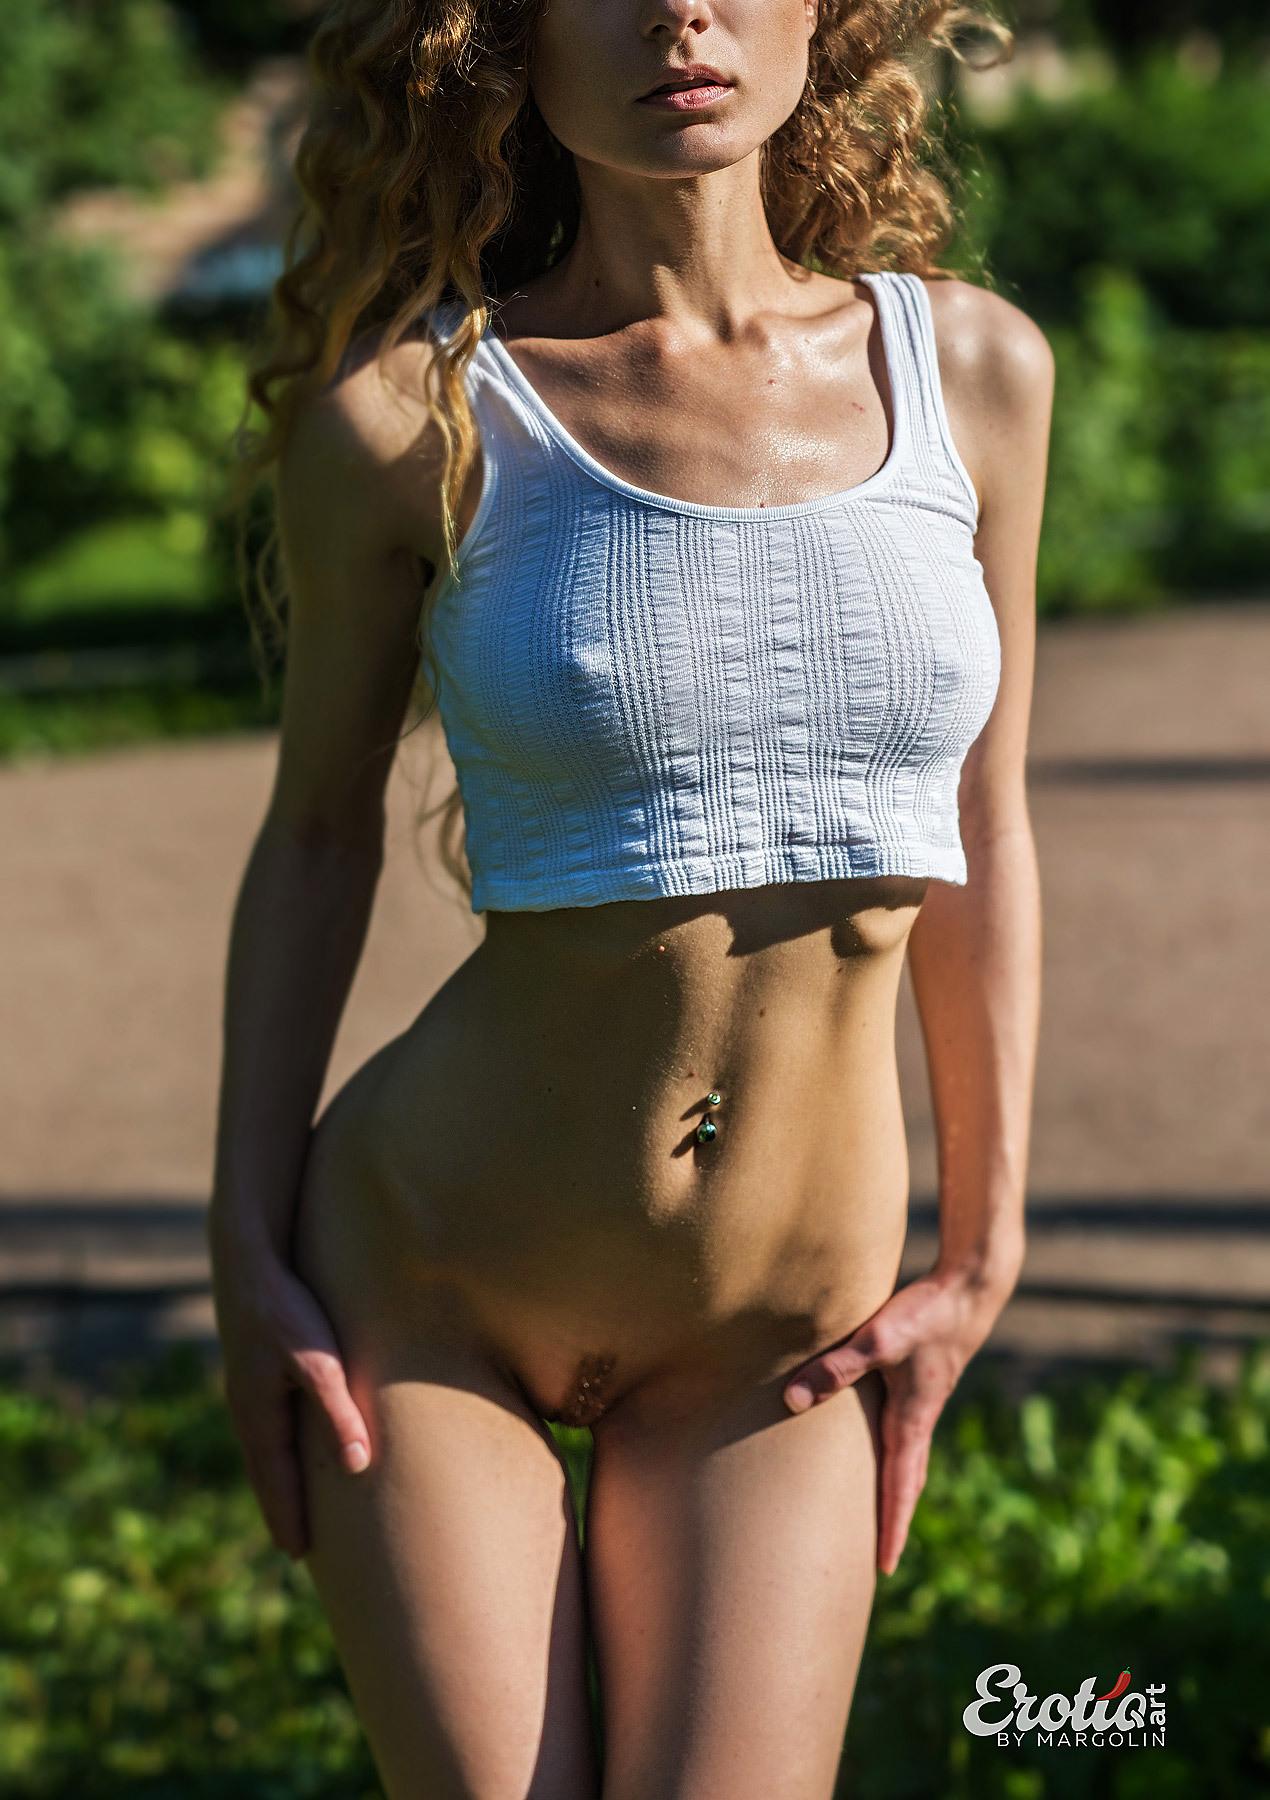 Natalya Makaruk